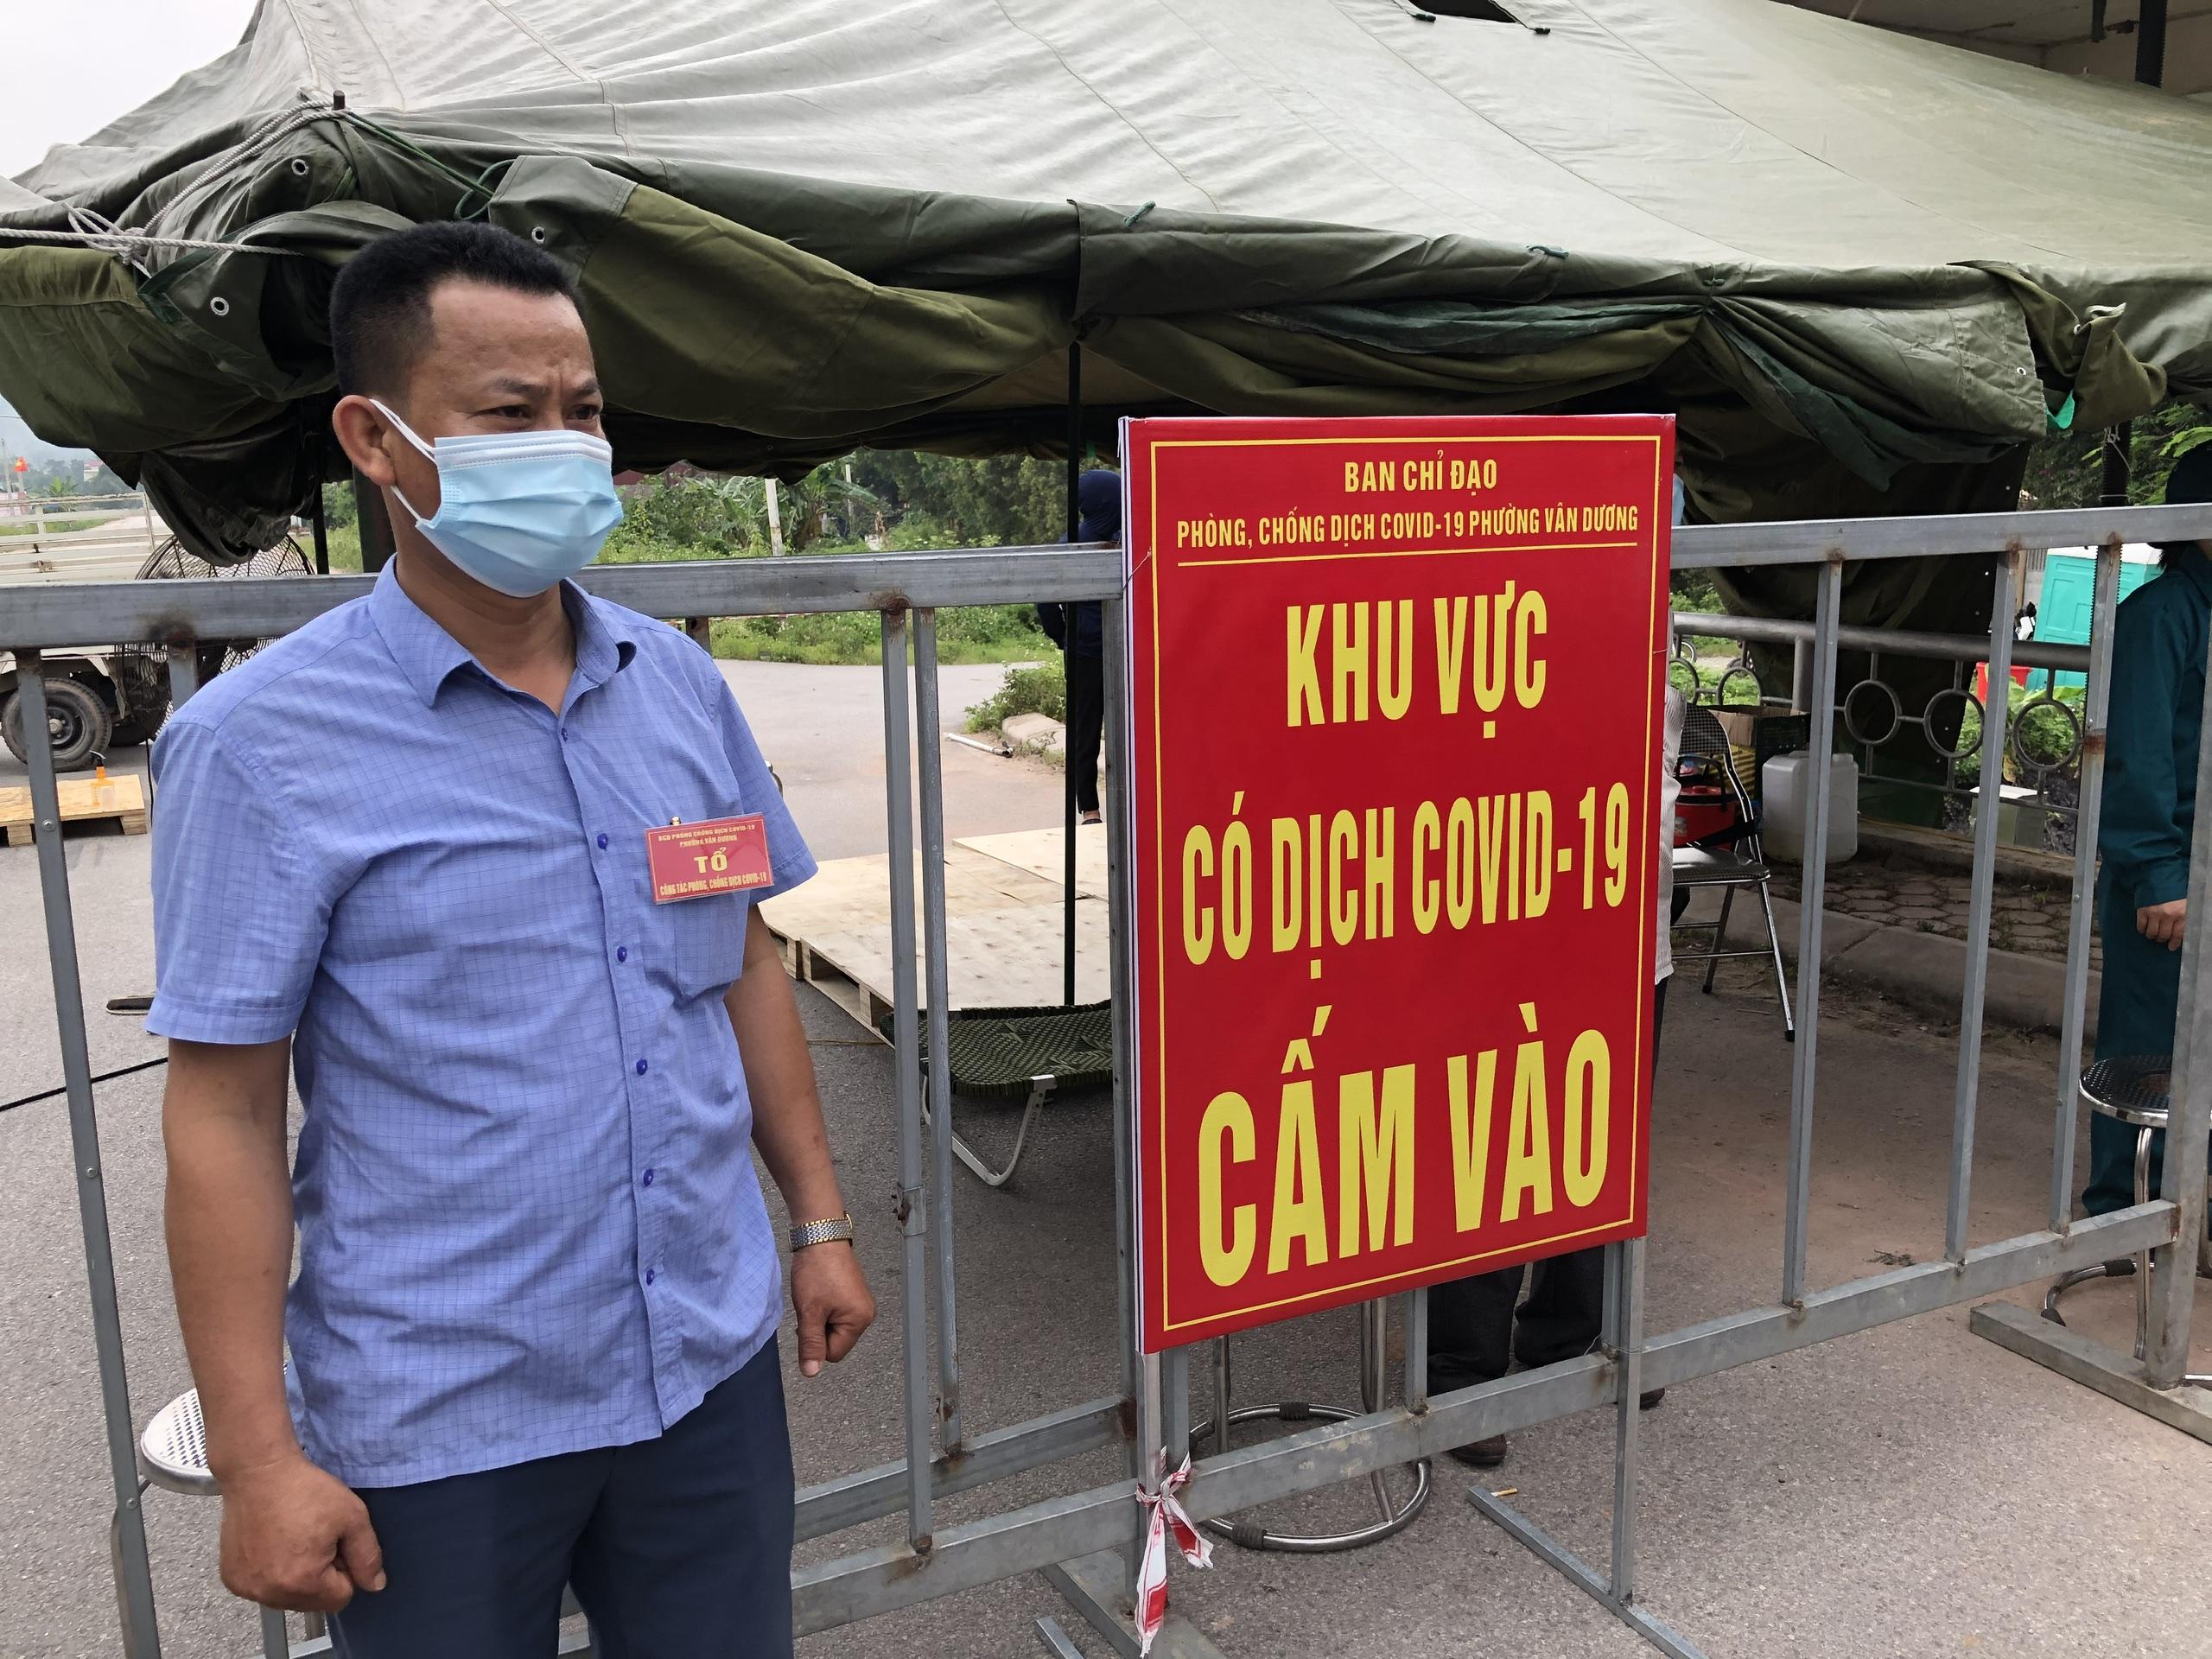 Bắc Ninh: Giãn cách xã hội toàn bộ thành phố Bắc Ninh từ 6h ngày 18/5 đến hết ngày 20/5 - Ảnh 1.